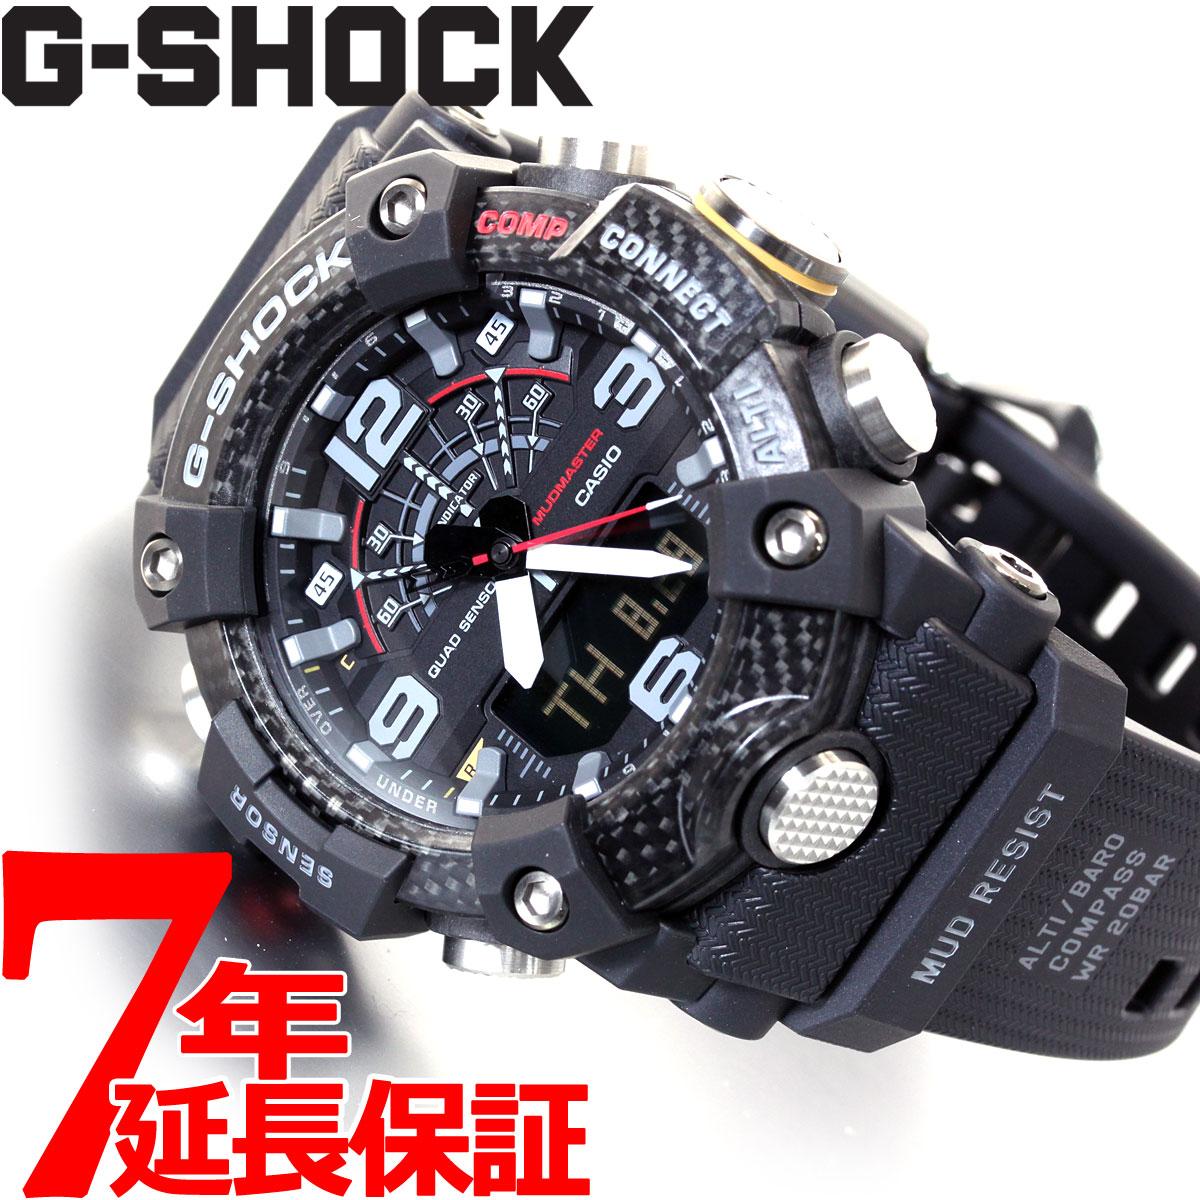 【5日0時~♪2000円OFFクーポン&店内ポイント最大51倍!5日23時59分まで】G-SHOCK カシオ Gショック マッドマスター CASIO 腕時計 メンズ MASTER OF G GG-B100-1AJF